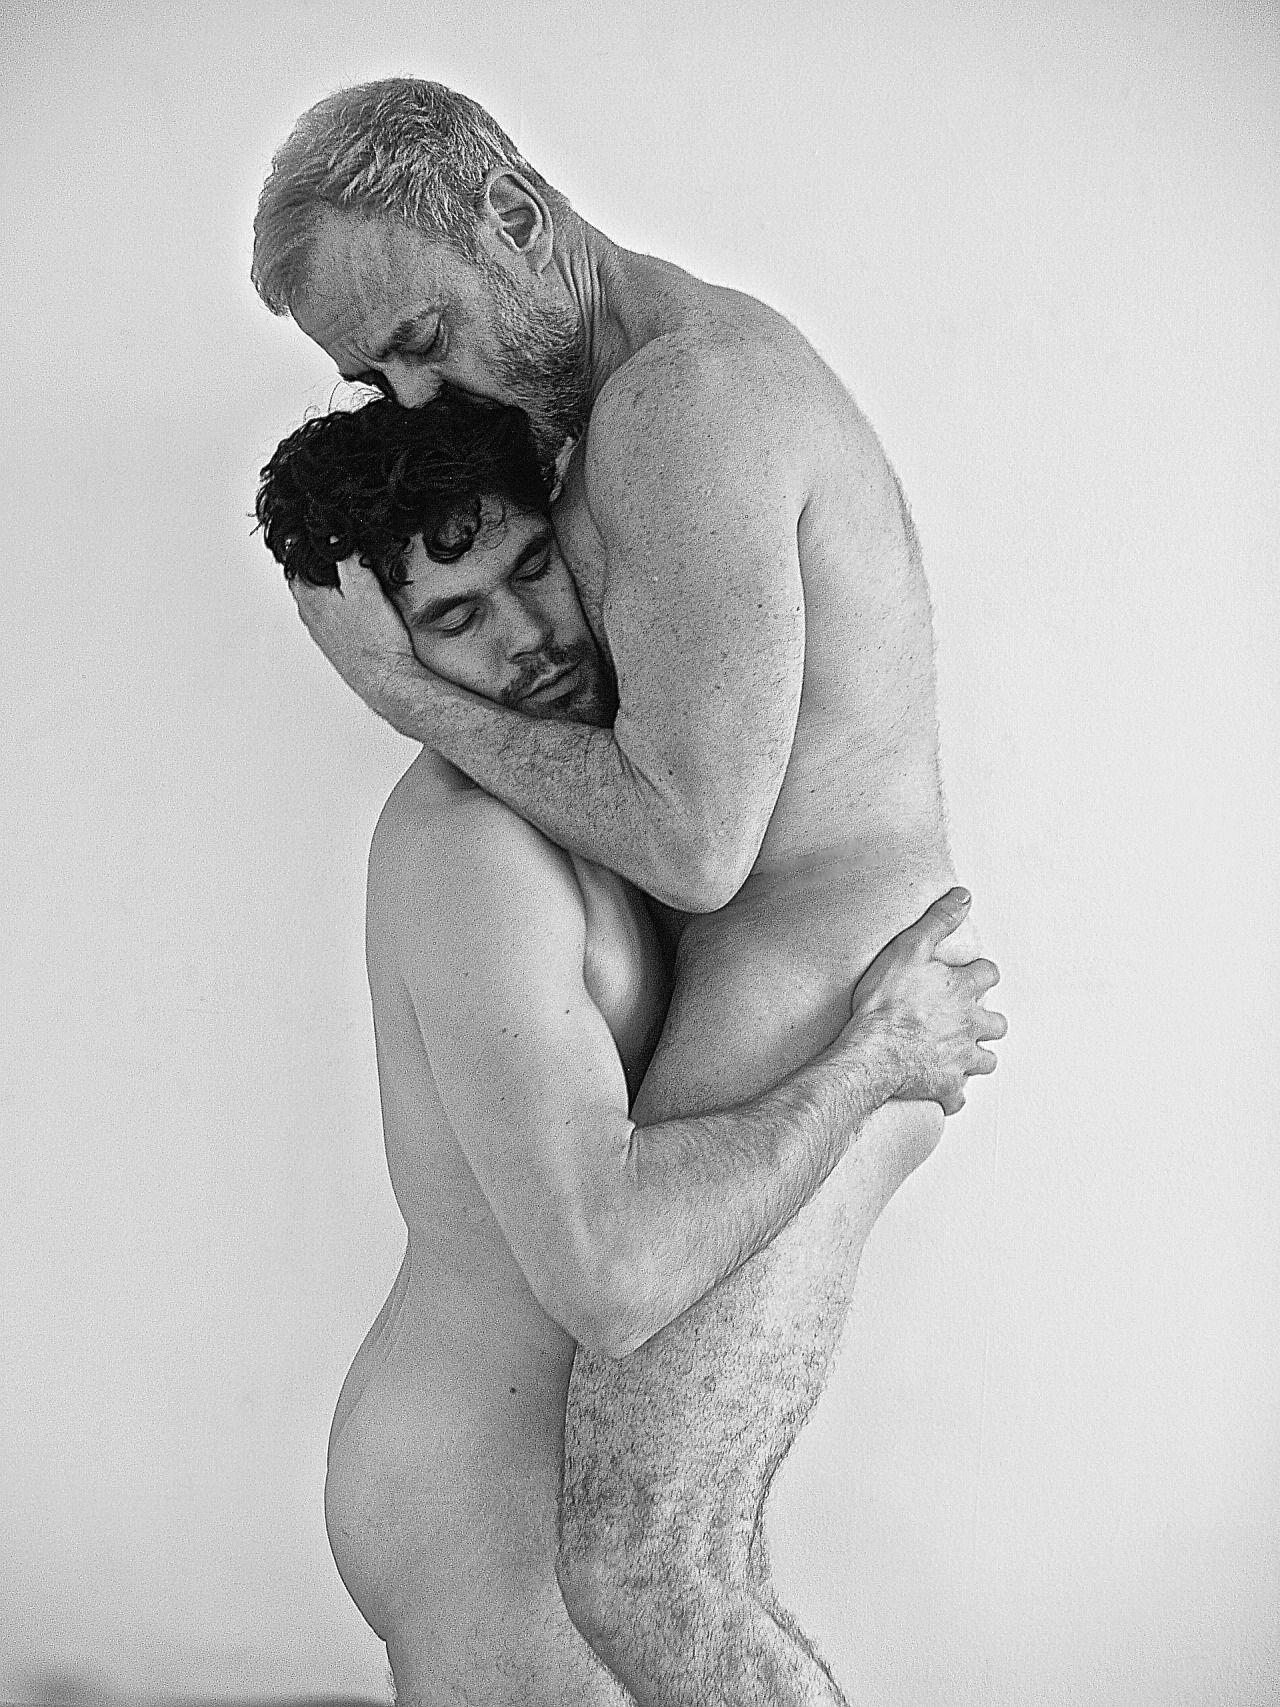 Jake gyllenhaal bisexual